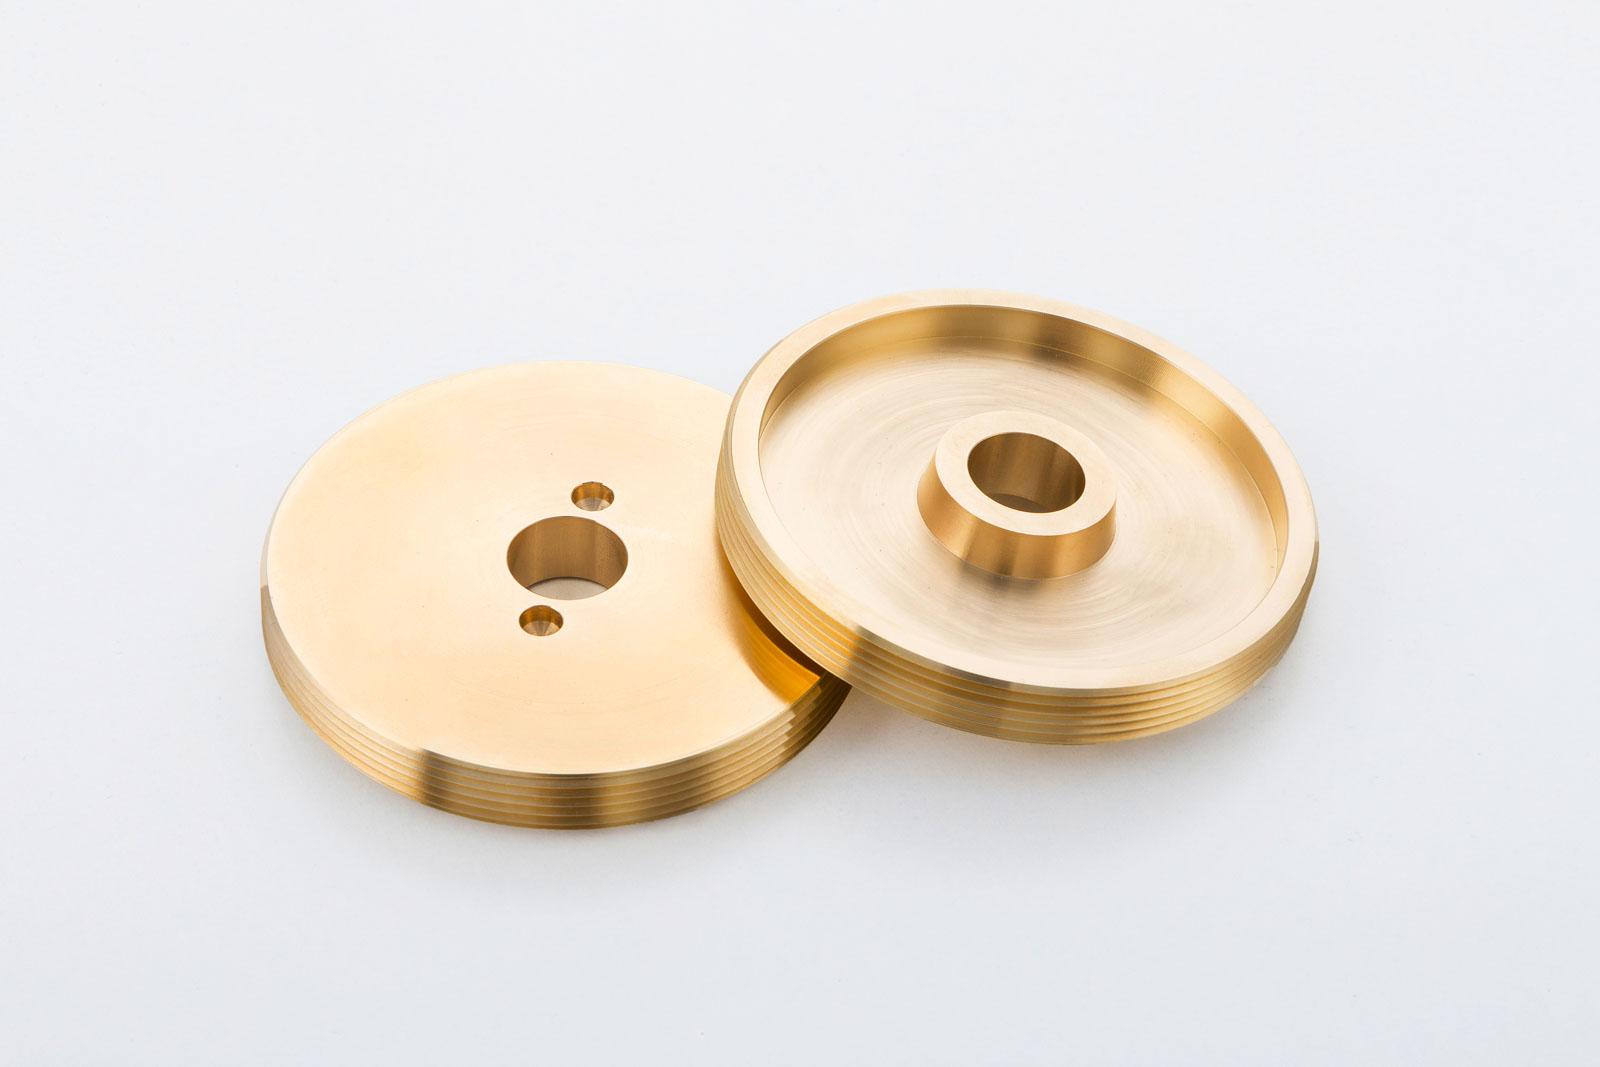 Sicherheitsventilteile produziert durch METUSAN TURNING GmbH